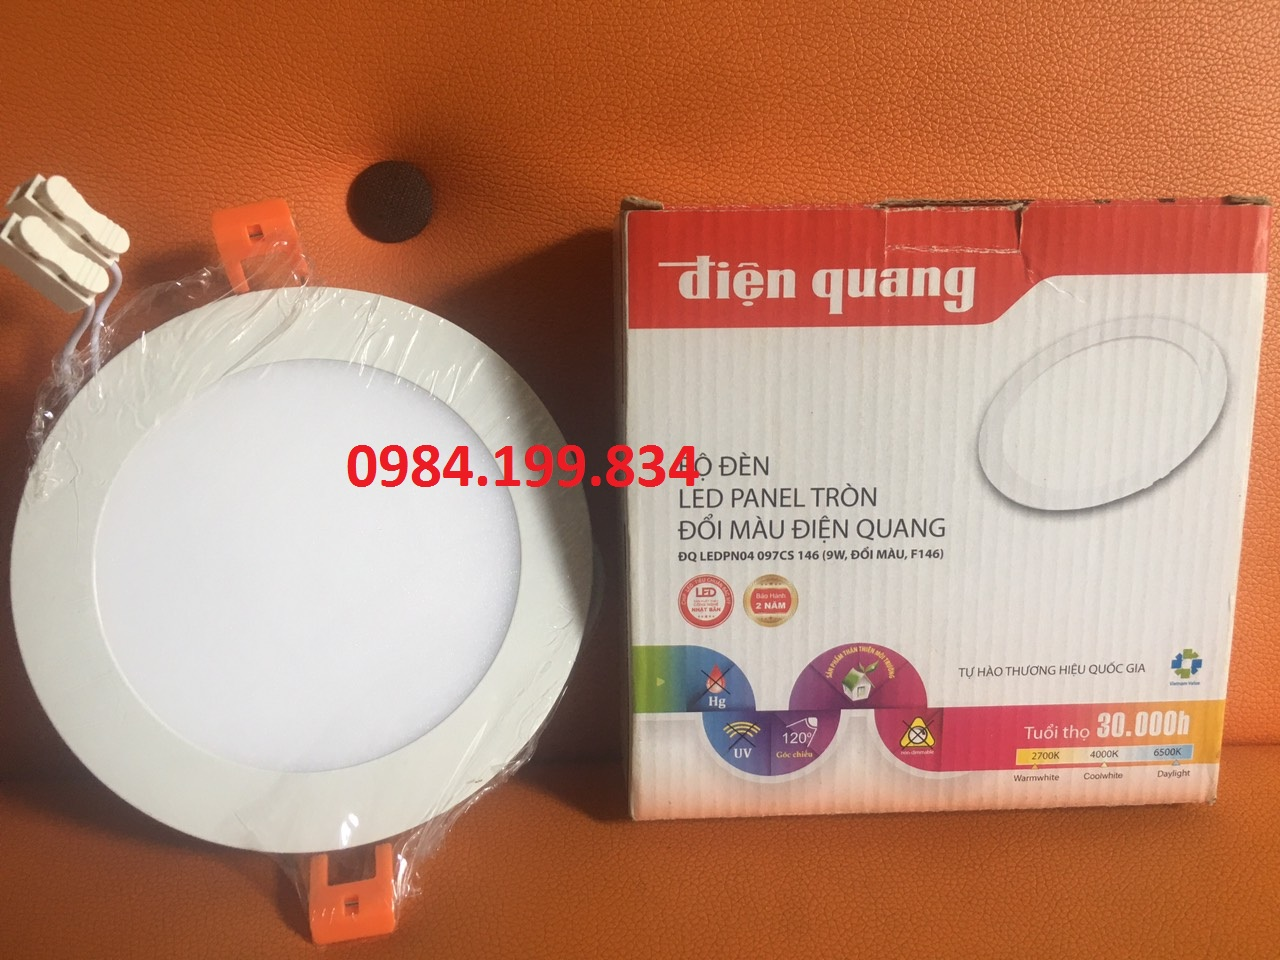 Bộ Đèn LED Panel tròn Điện Quang ĐQ LEDPN04 18 225 ( 18W F225 )